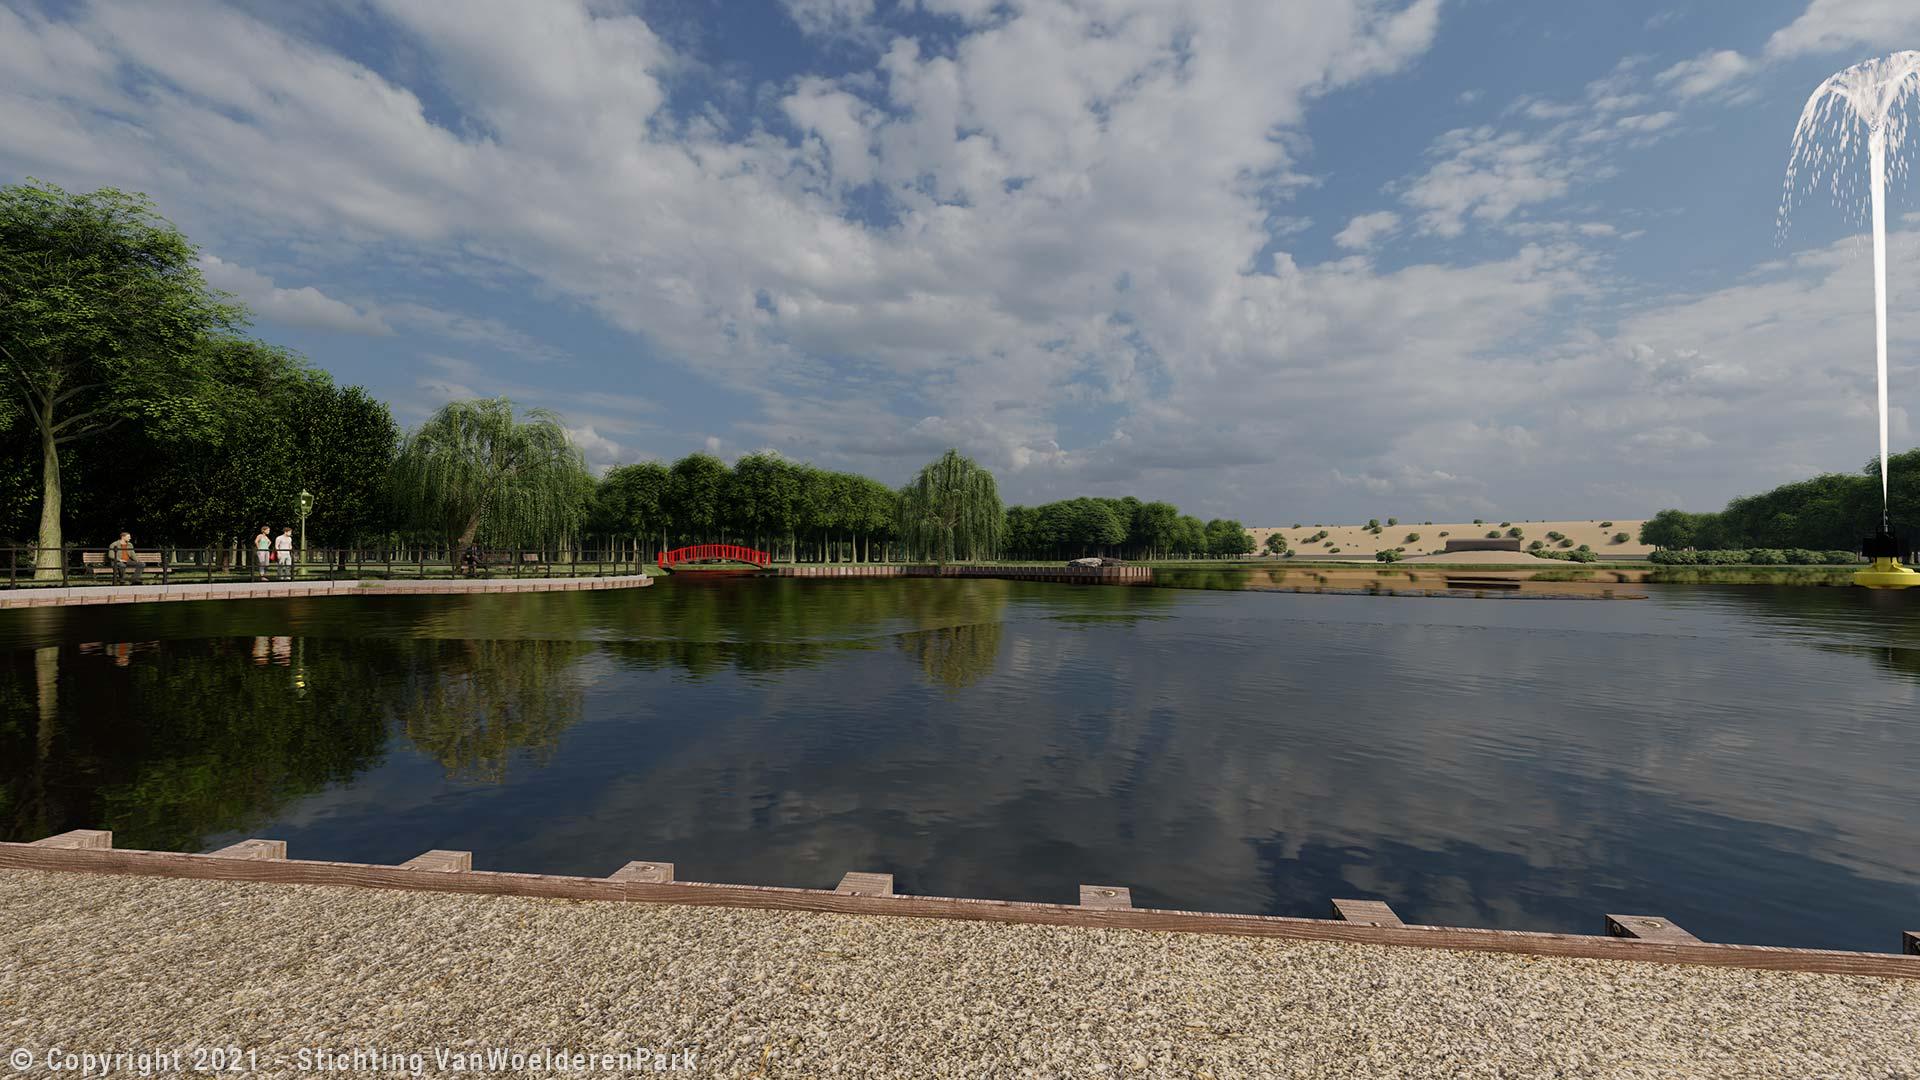 streefbeeld-stichting-van-woelderen-park-2021-sauna-na